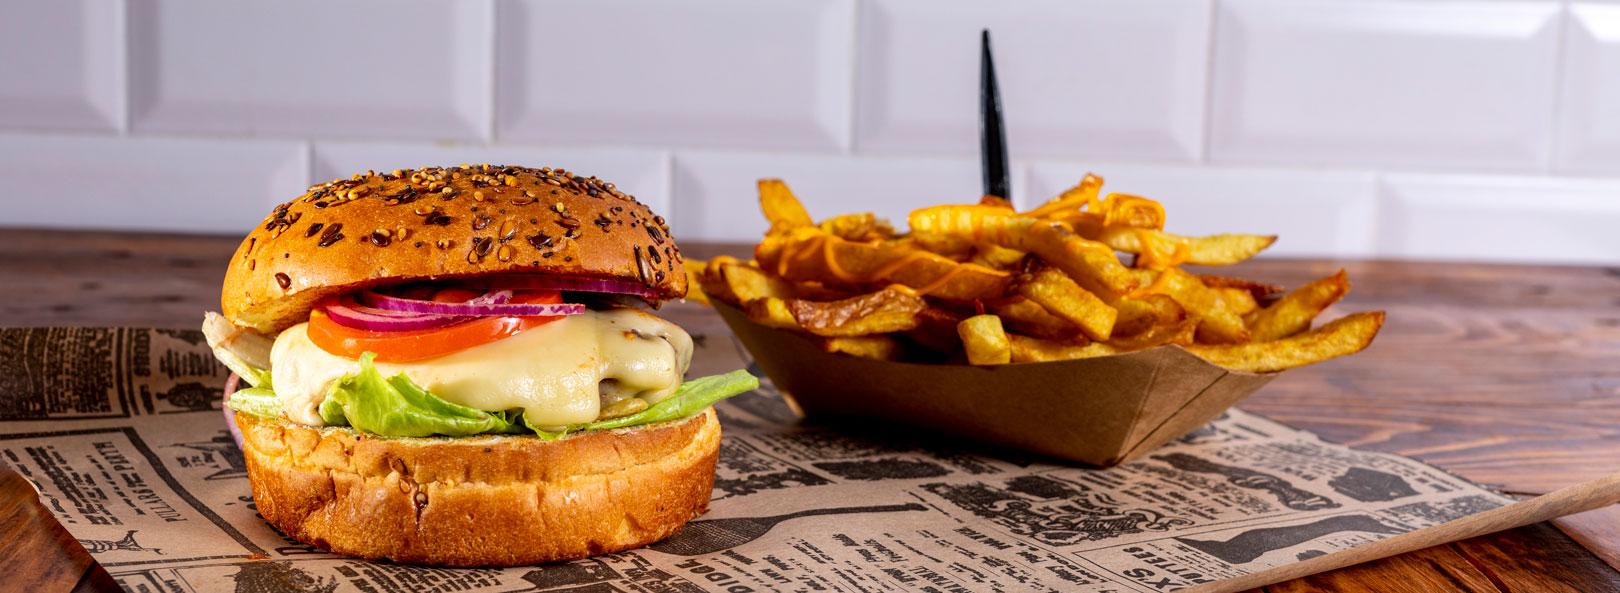 Vos restaurants : ouverts à la vente à emporter